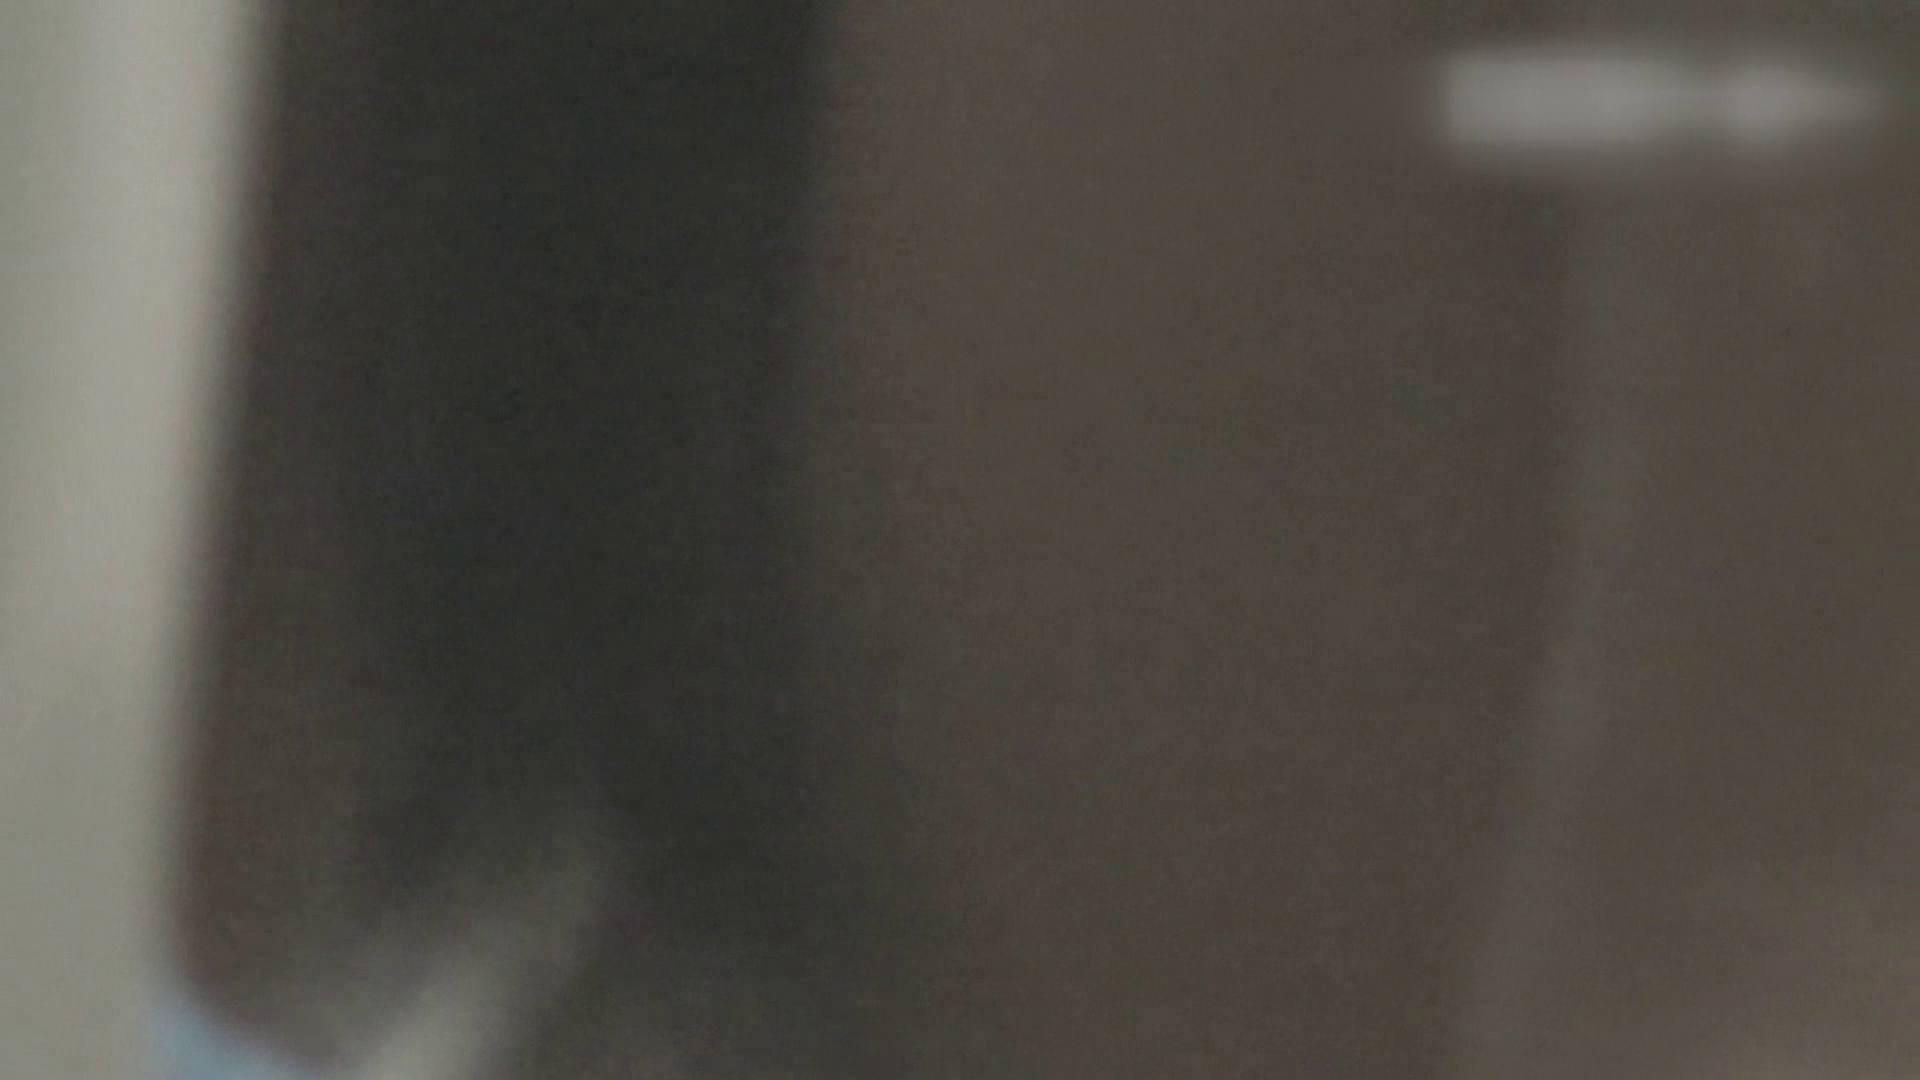 ロックハンドさんの盗撮記録File.08 黄金水 盗み撮り動画 76PIX 7